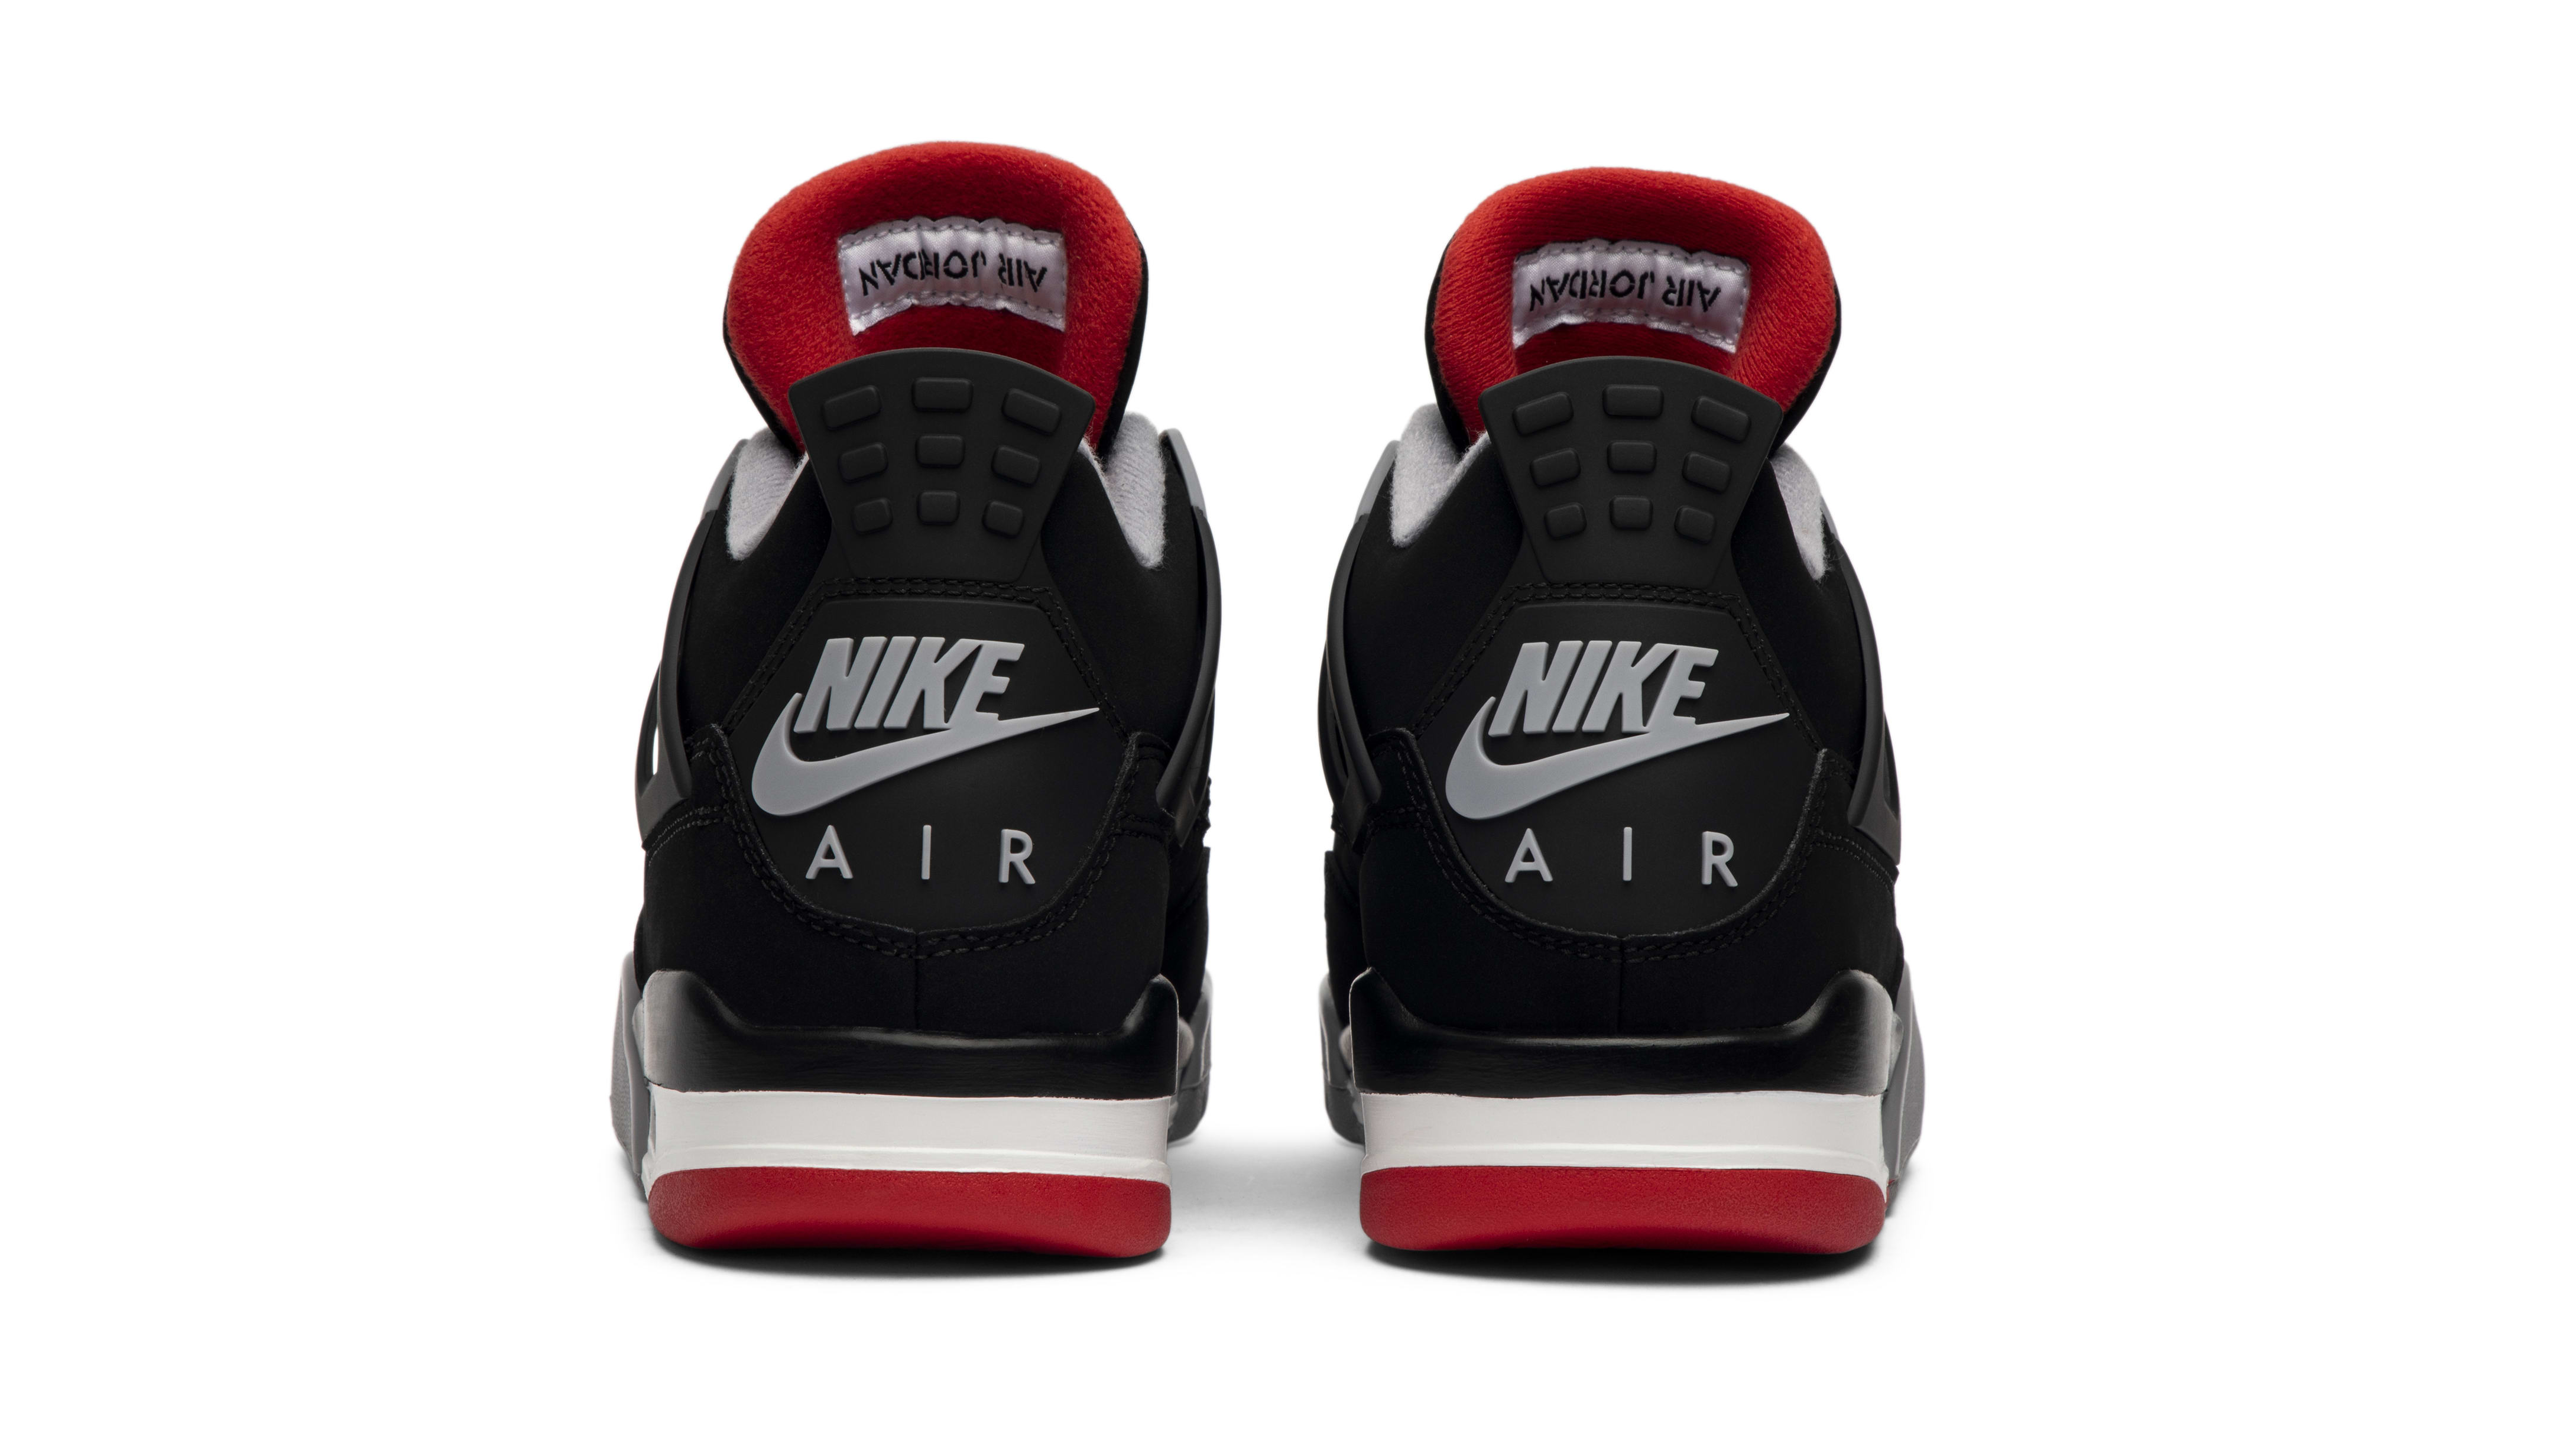 Air Jordan 4 'Bred' 2019 (Heel)